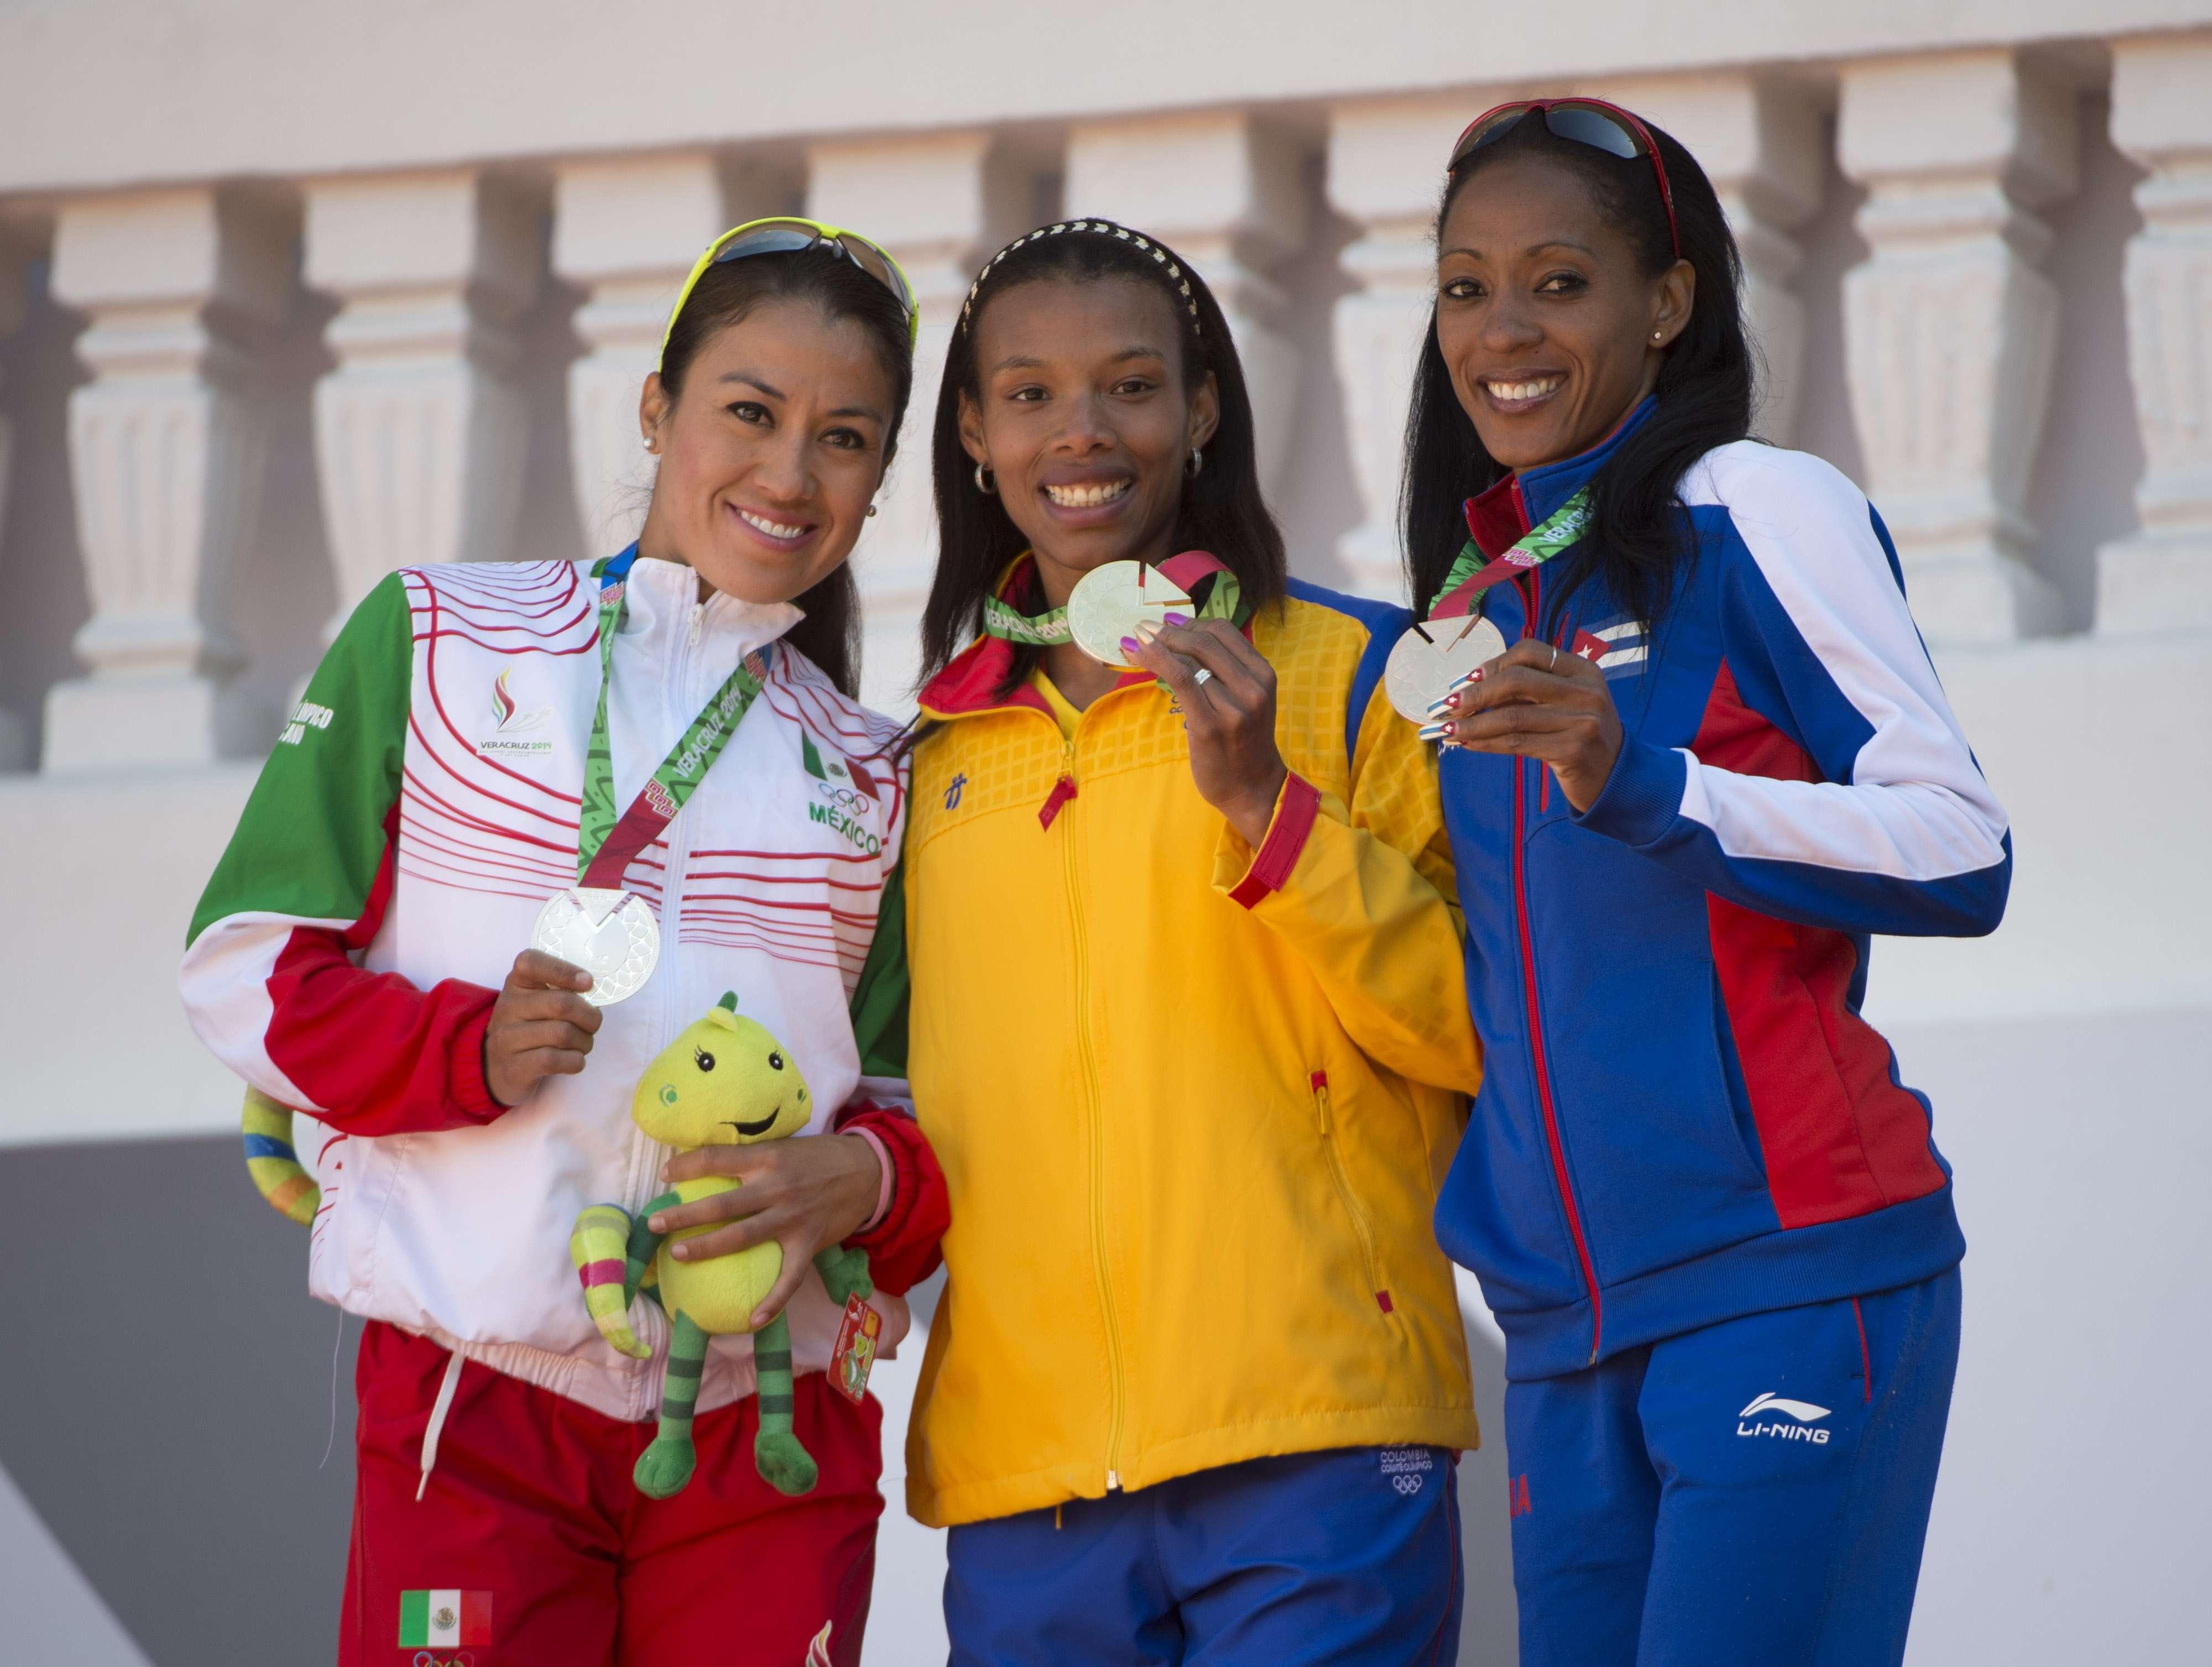 El podio tiene a Colombia en lo más alto. Foto: Mexsport